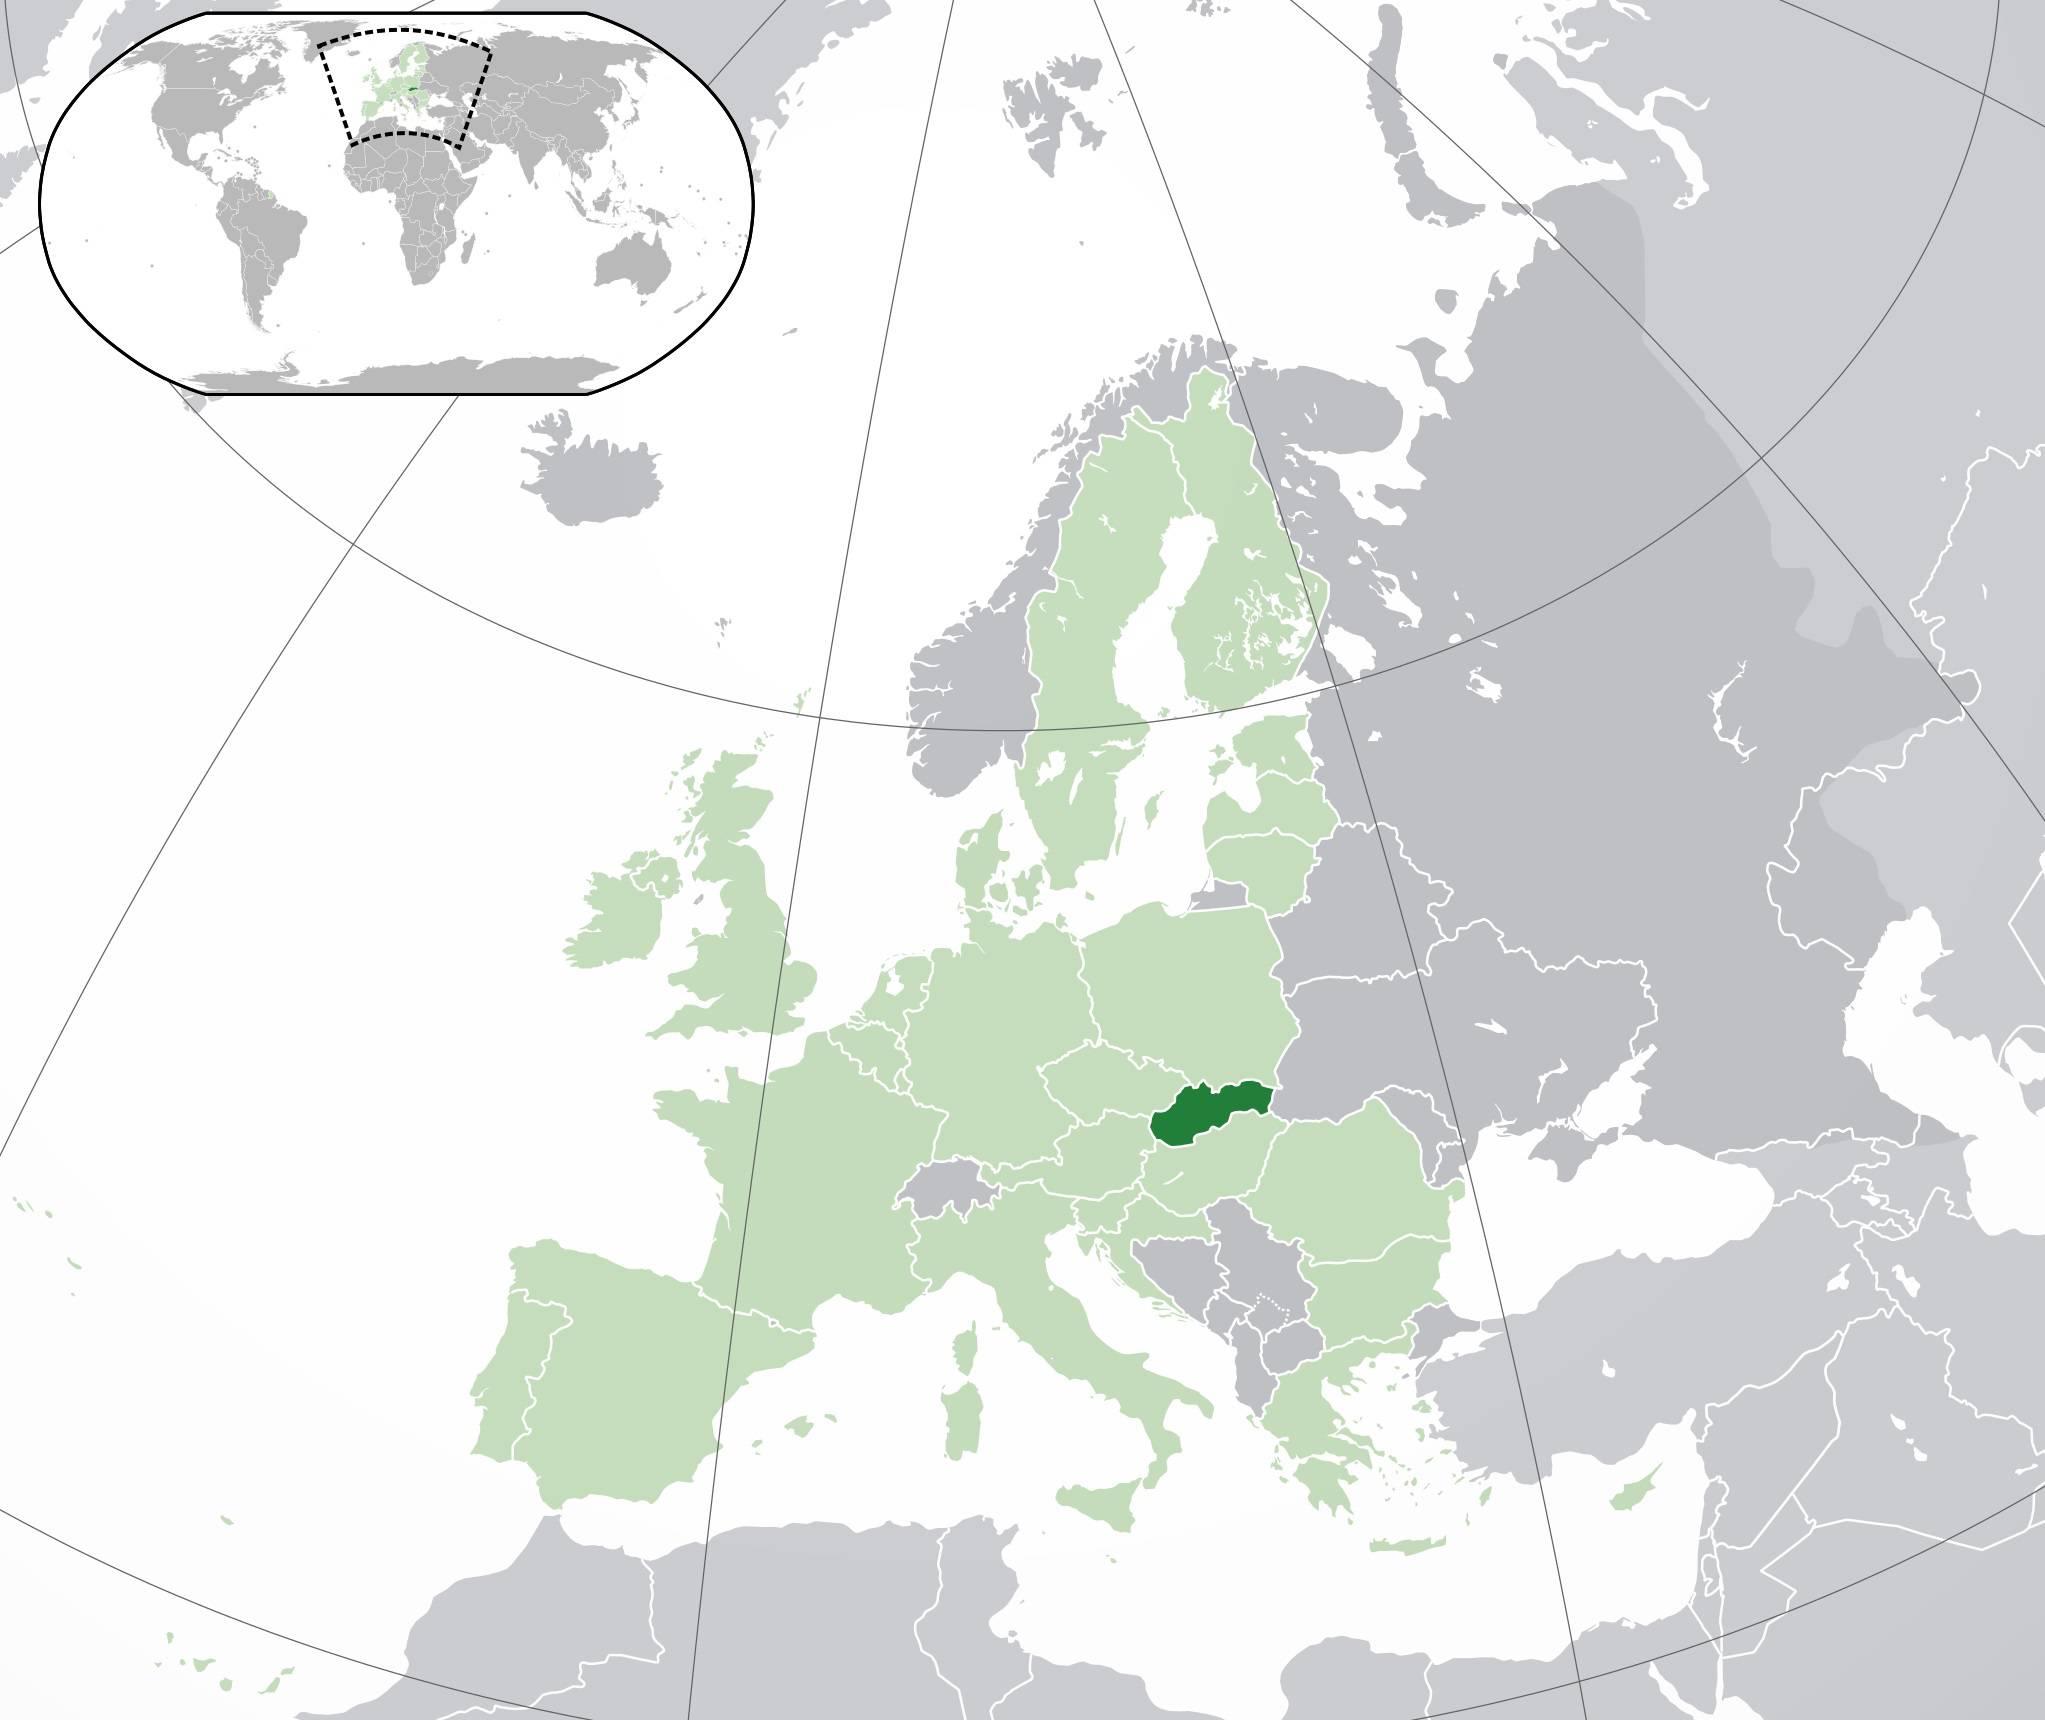 Slovaquie sur une carte de l'Europe